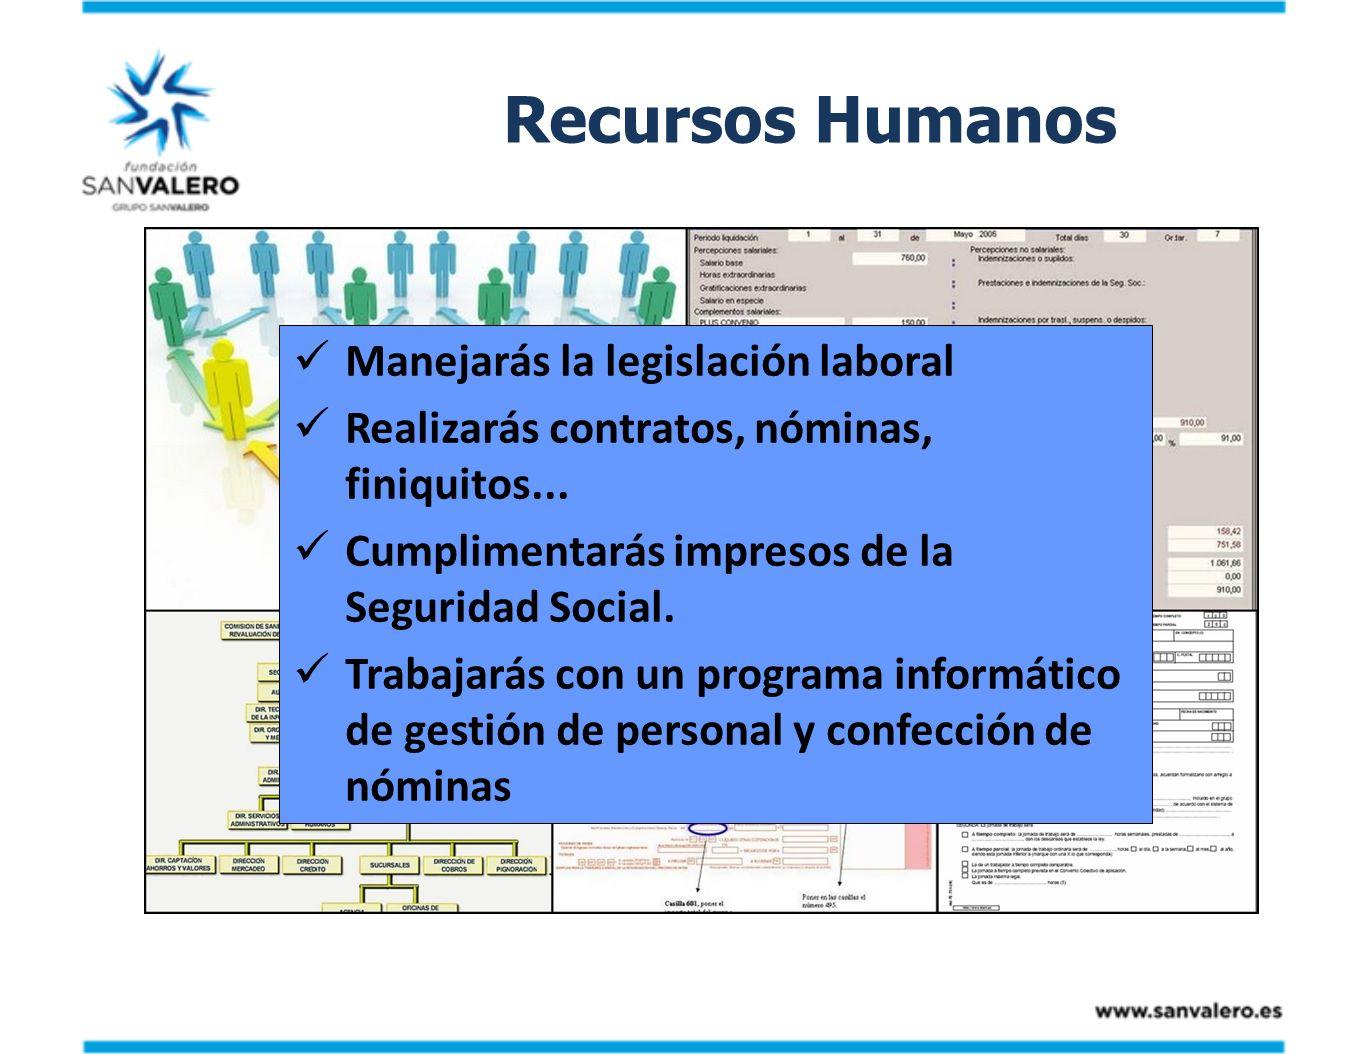 Recursos Humanos Manejarás la legislación laboral Realizarás contratos, nóminas, finiquitos... Cumplimentarás impresos de la Seguridad Social. Trabaja